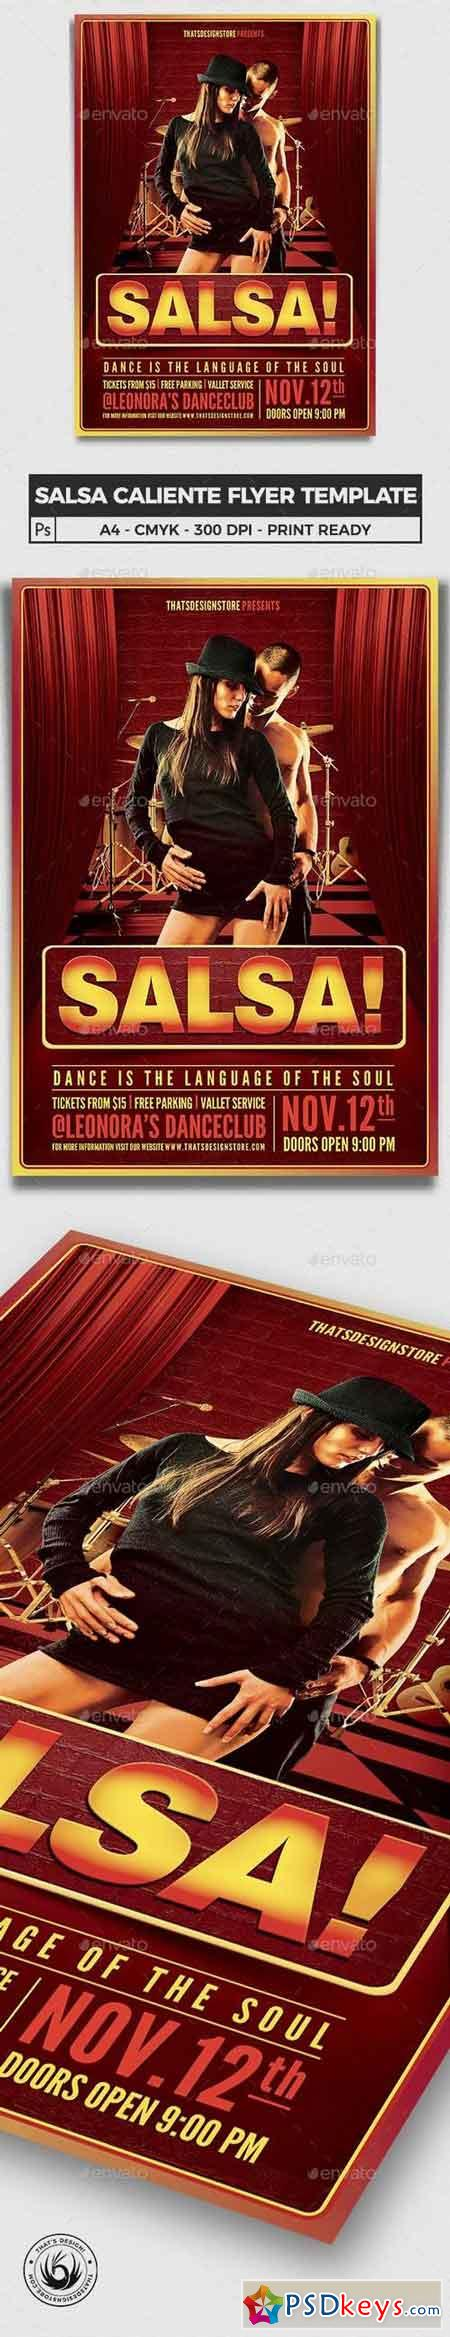 Salsa Caliente Flyer Template 6251593